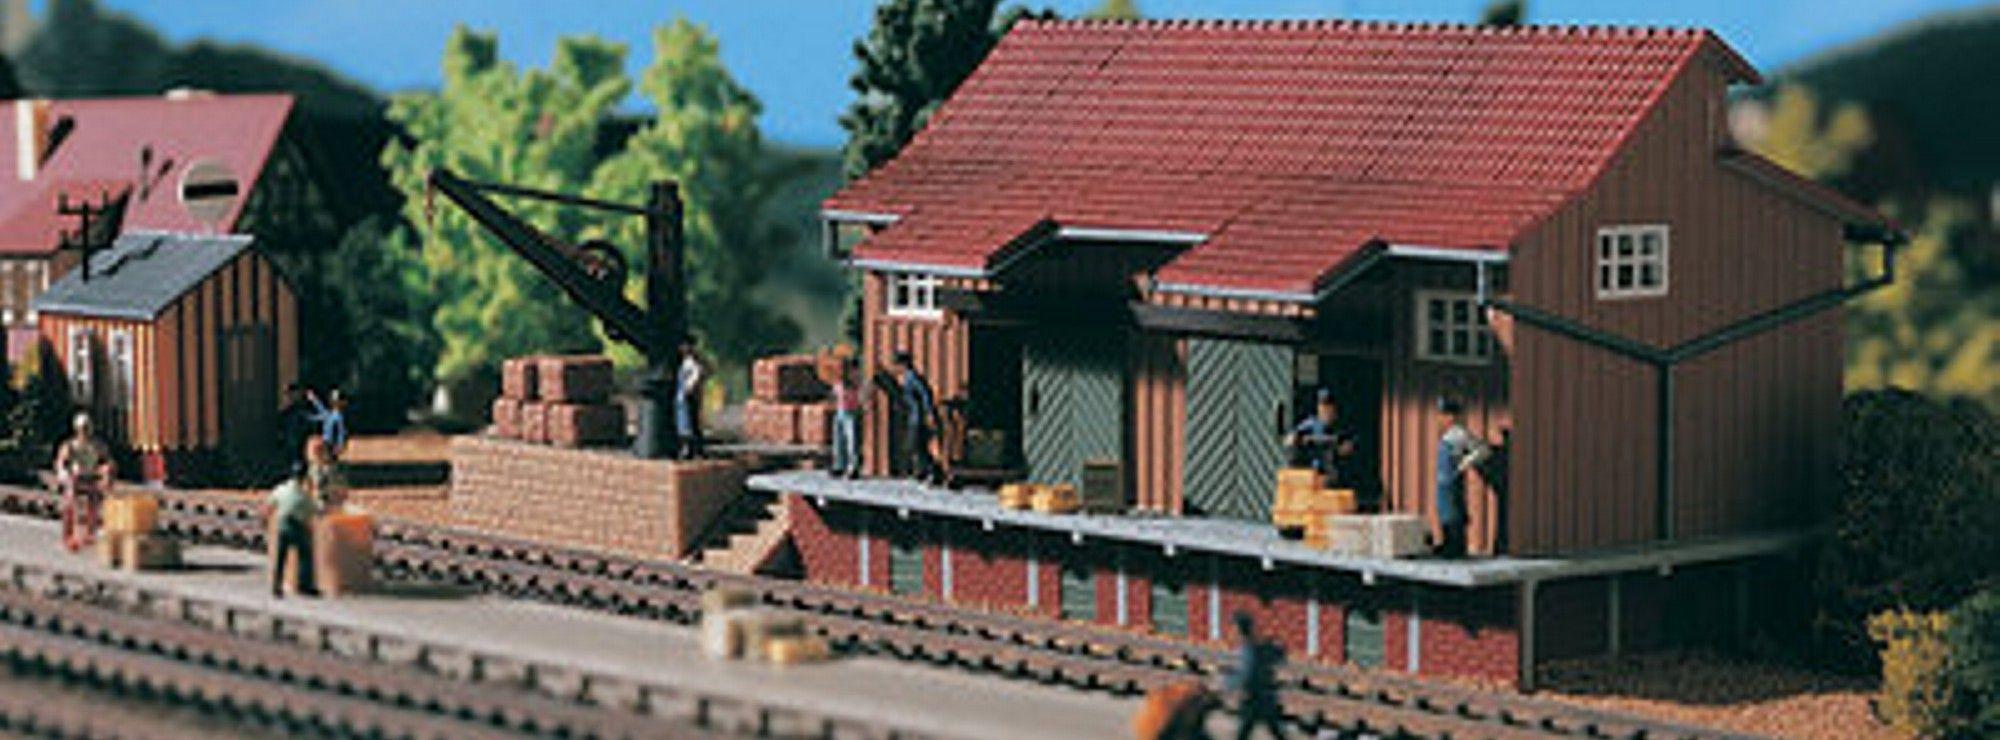 Vollmer 5701 Güterschuppen Bausatz H0 1:87